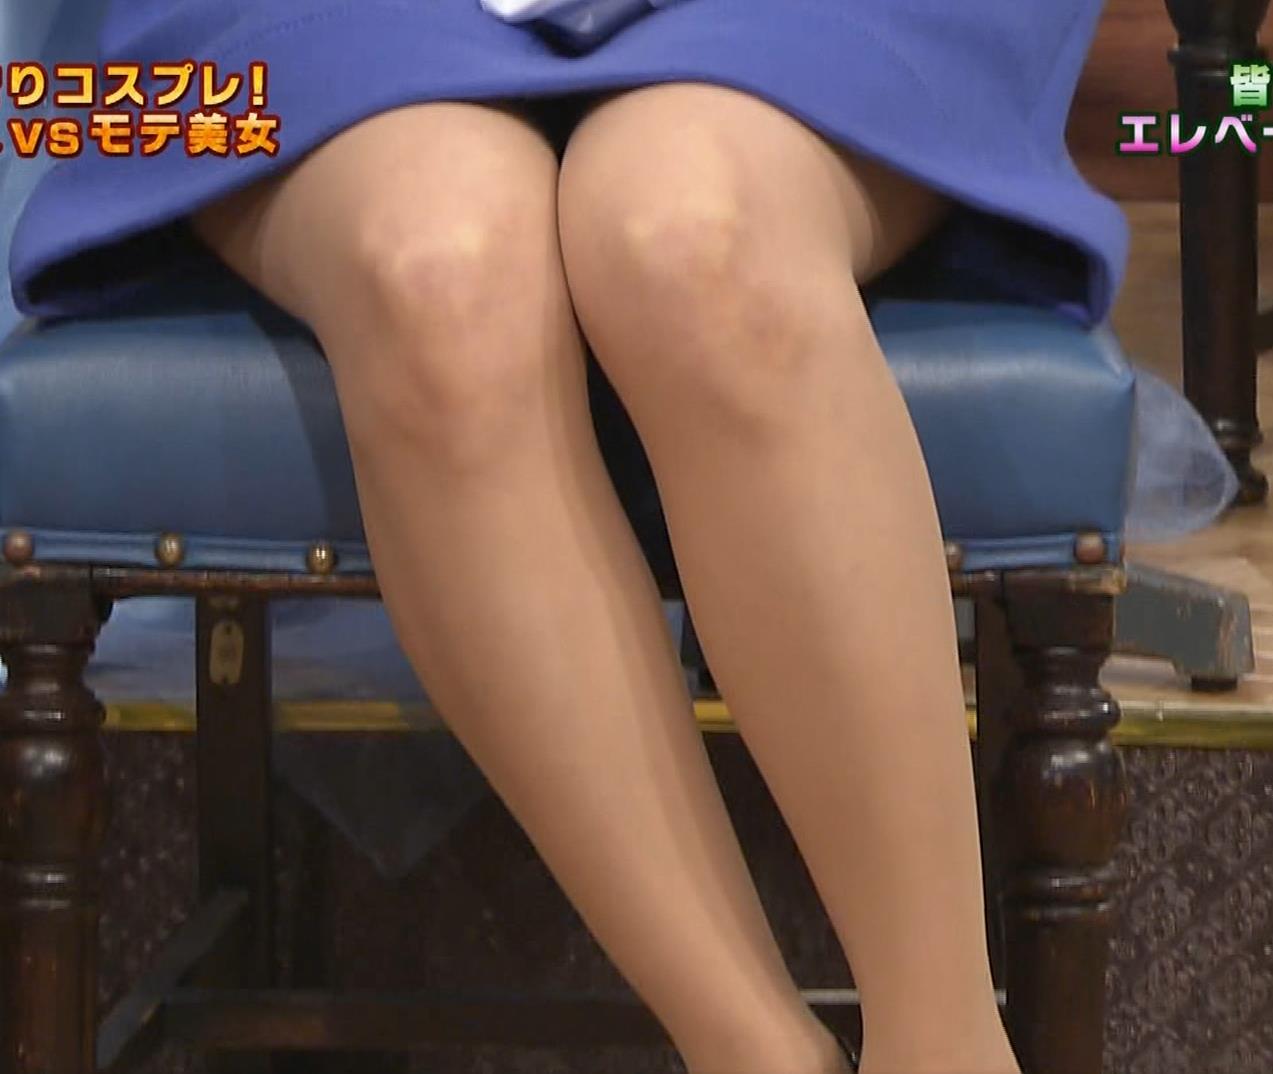 皆藤愛子 ミニスカートの中をアップで撮られるキャプ・エロ画像2